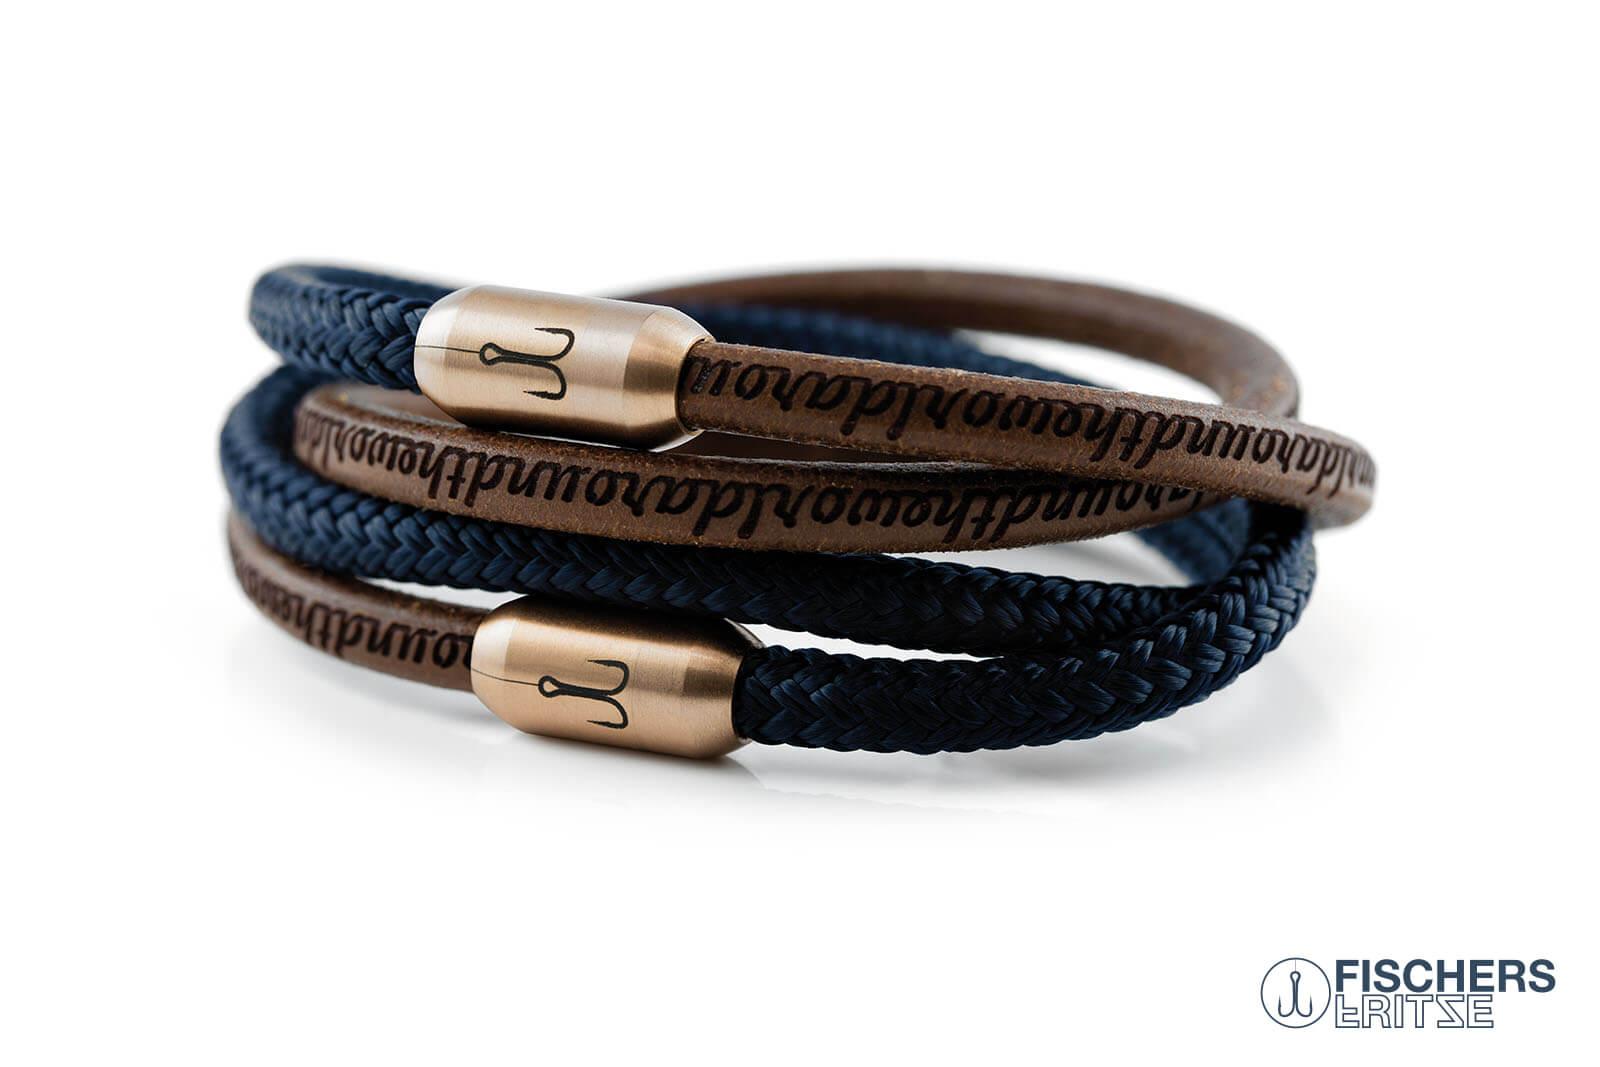 armband-fischers-fritze-koenigskombigarnele-natur-gefettet-blau-leder-segeltau